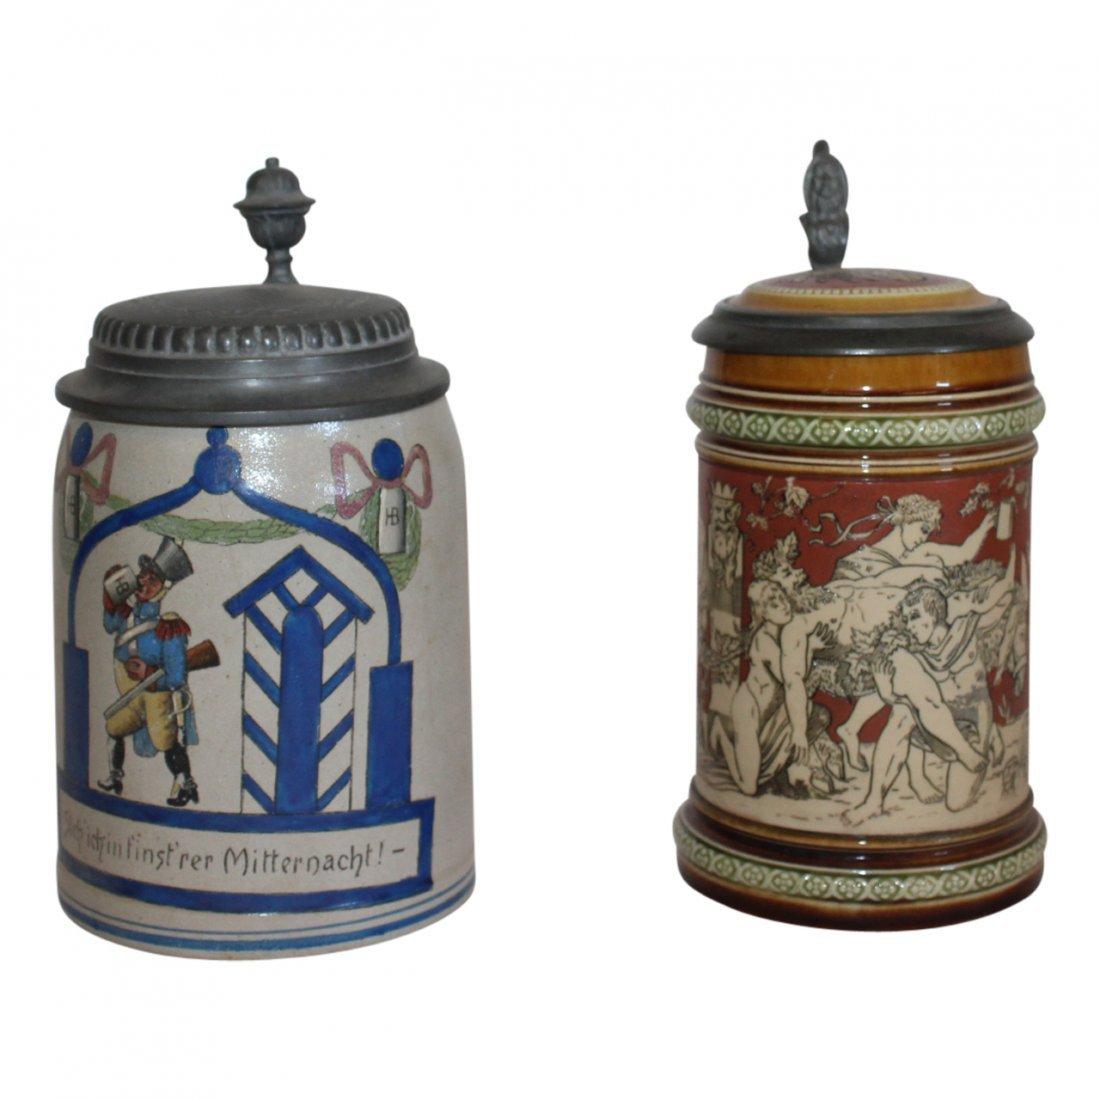 2 Antique German Steins